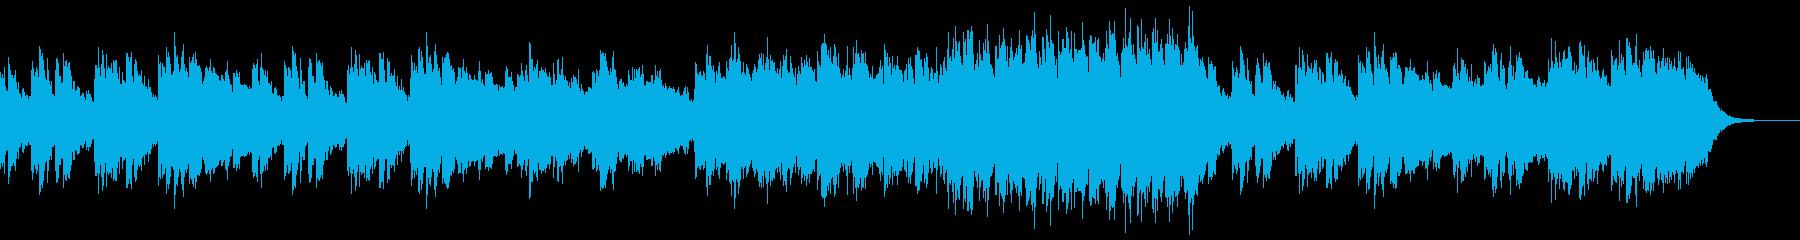 シンプルなピアノインストー疑問の再生済みの波形